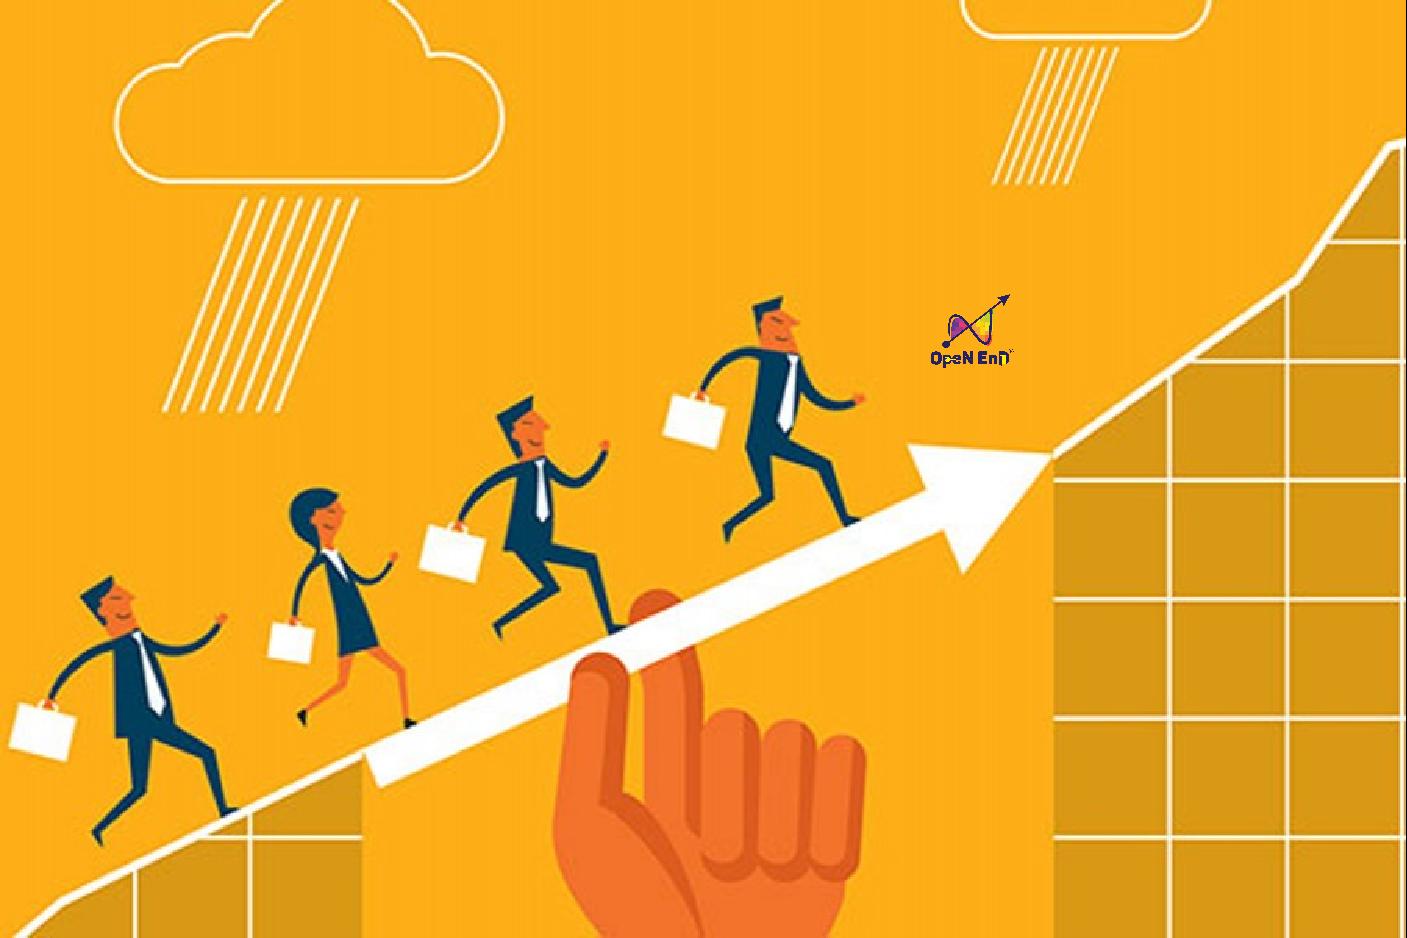 Phát triển tiềm năng nhân sự trong doanh nghiệp - Công Ty Cổ Phần Phát  Triển Open End